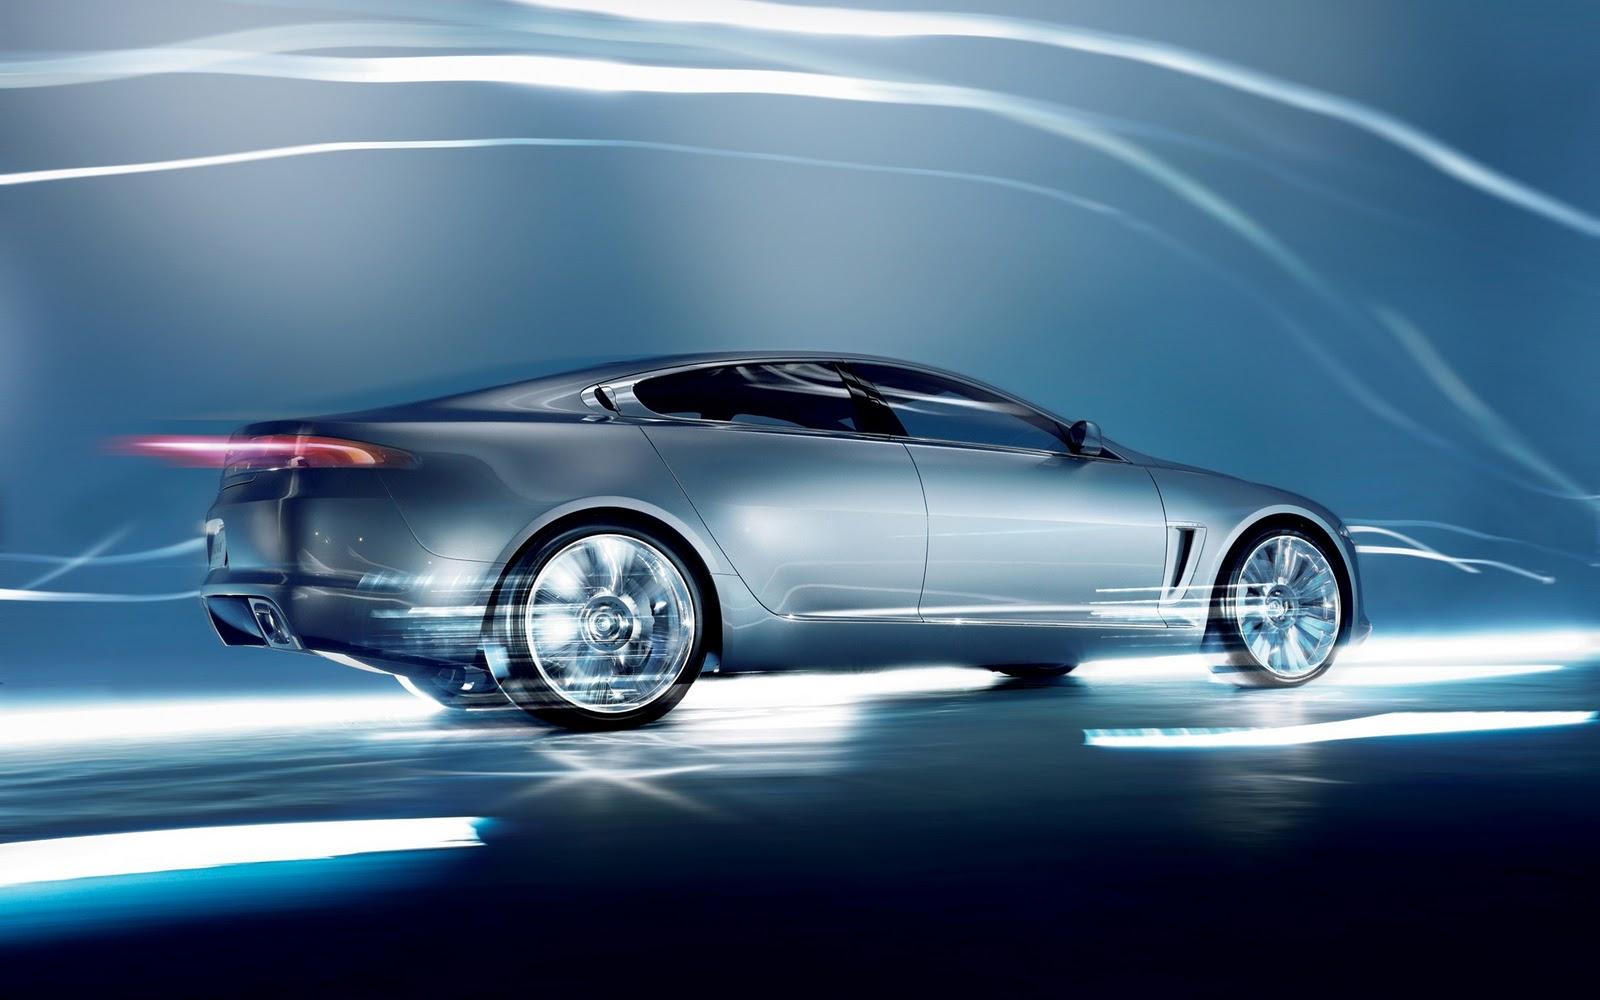 jaguar car wallpaper hd - photo #7